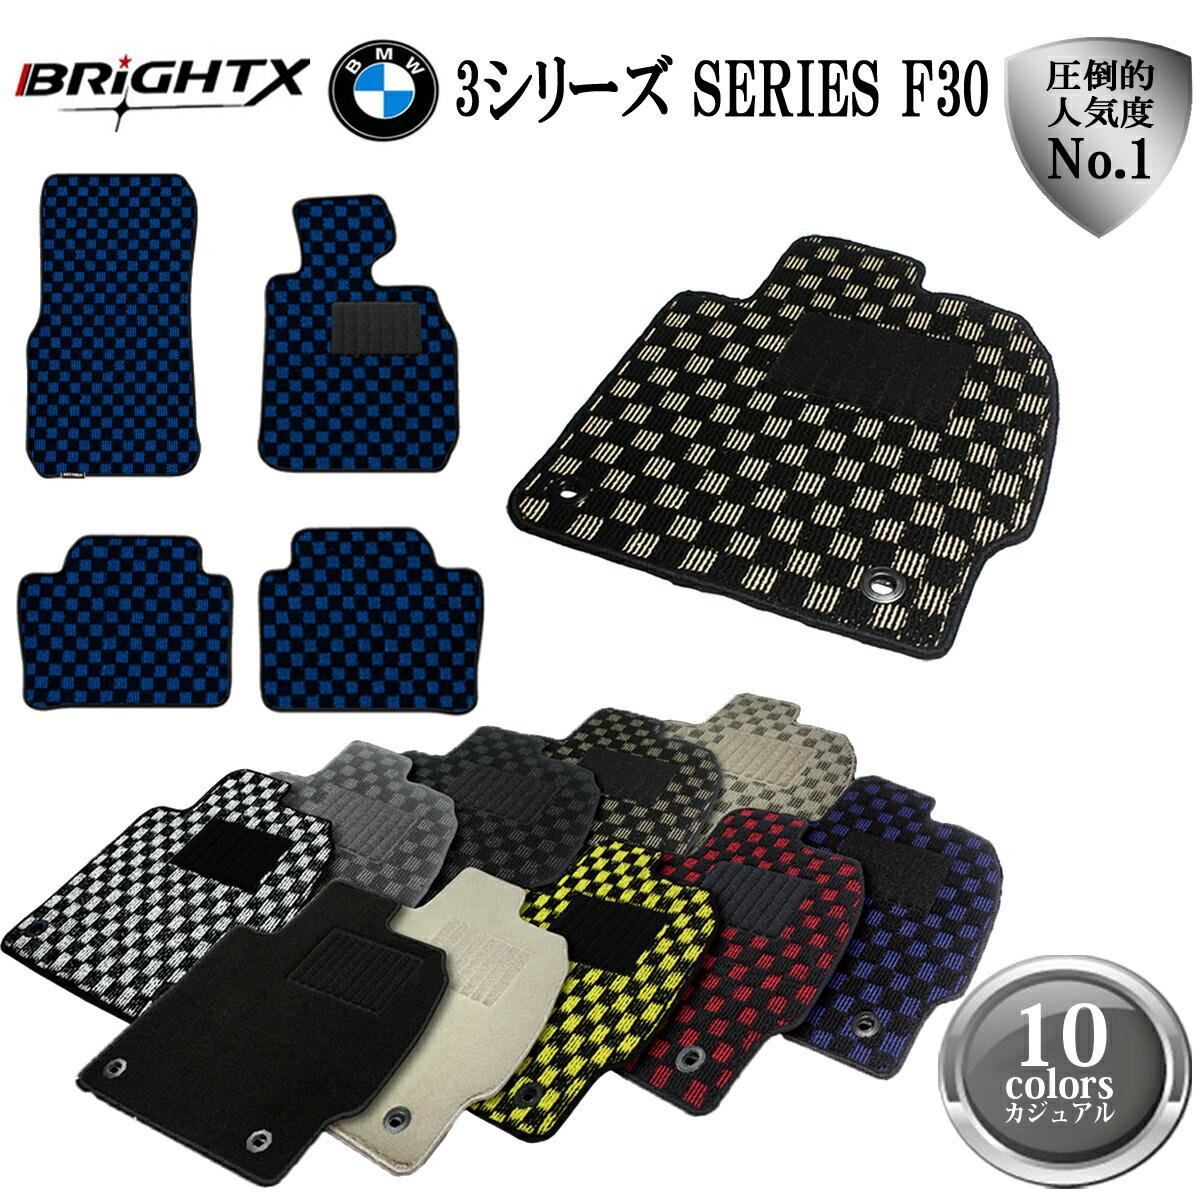 BMW 3シリーズF30 F31 セダン フロアマット 4点セット 右ハンドル H24.01~ 4枚SET カジュアルクラス 日本製品 カーマット 掃除 洗浄 防止 車 おすすめ おしゃれ ふかふか かわいい 洗い方 車 アクセサリー カー用品 車用品 車用